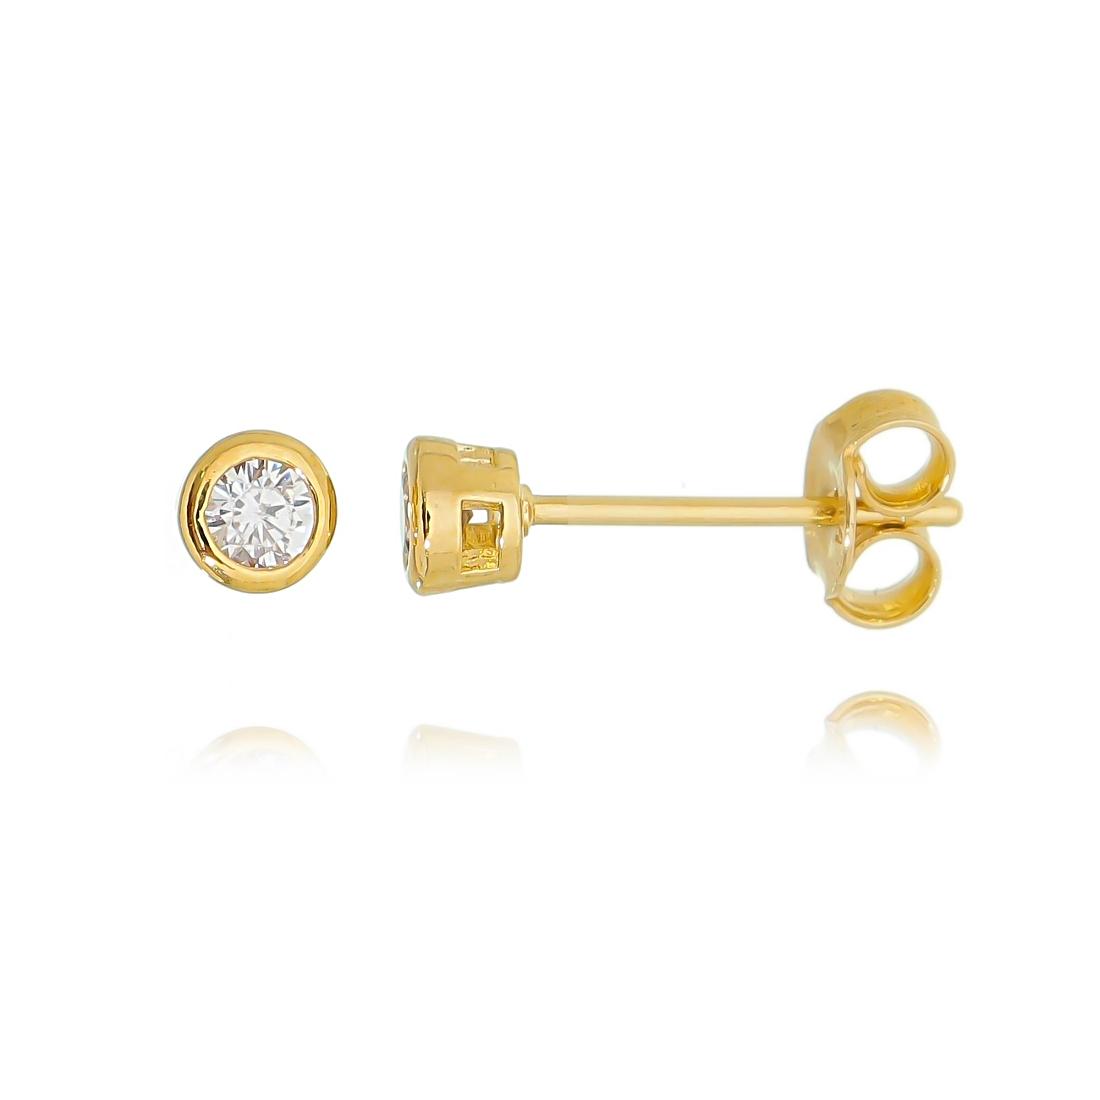 Brinco Ponto de Luz 3 mm Cravação Inglesa Zircônia Cristal Semijoia Ouro  - Soloyou